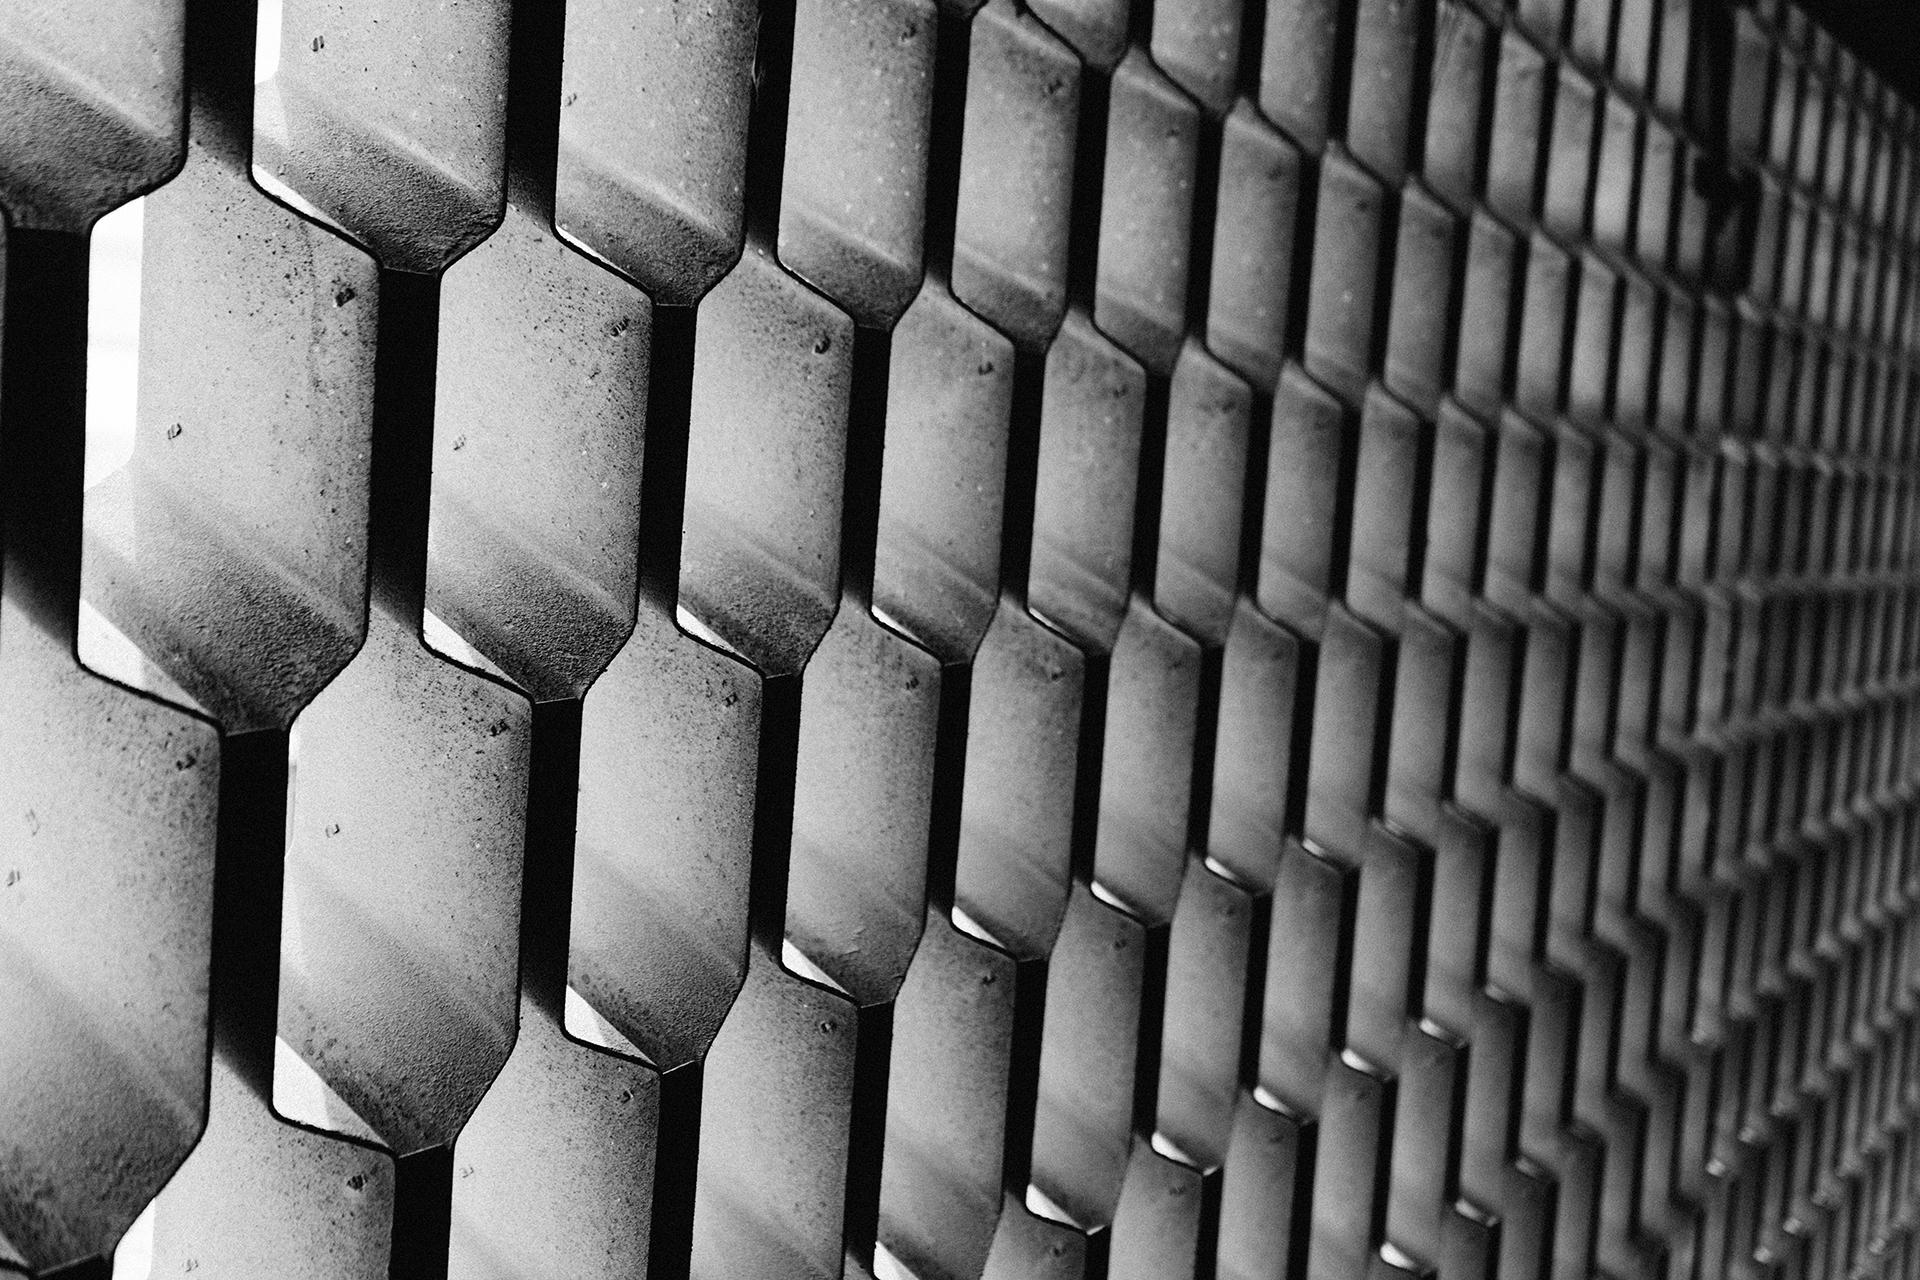 metal, padrão, colméia, buracos, em preto e branco - Papéis de parede HD - Professor-falken.com